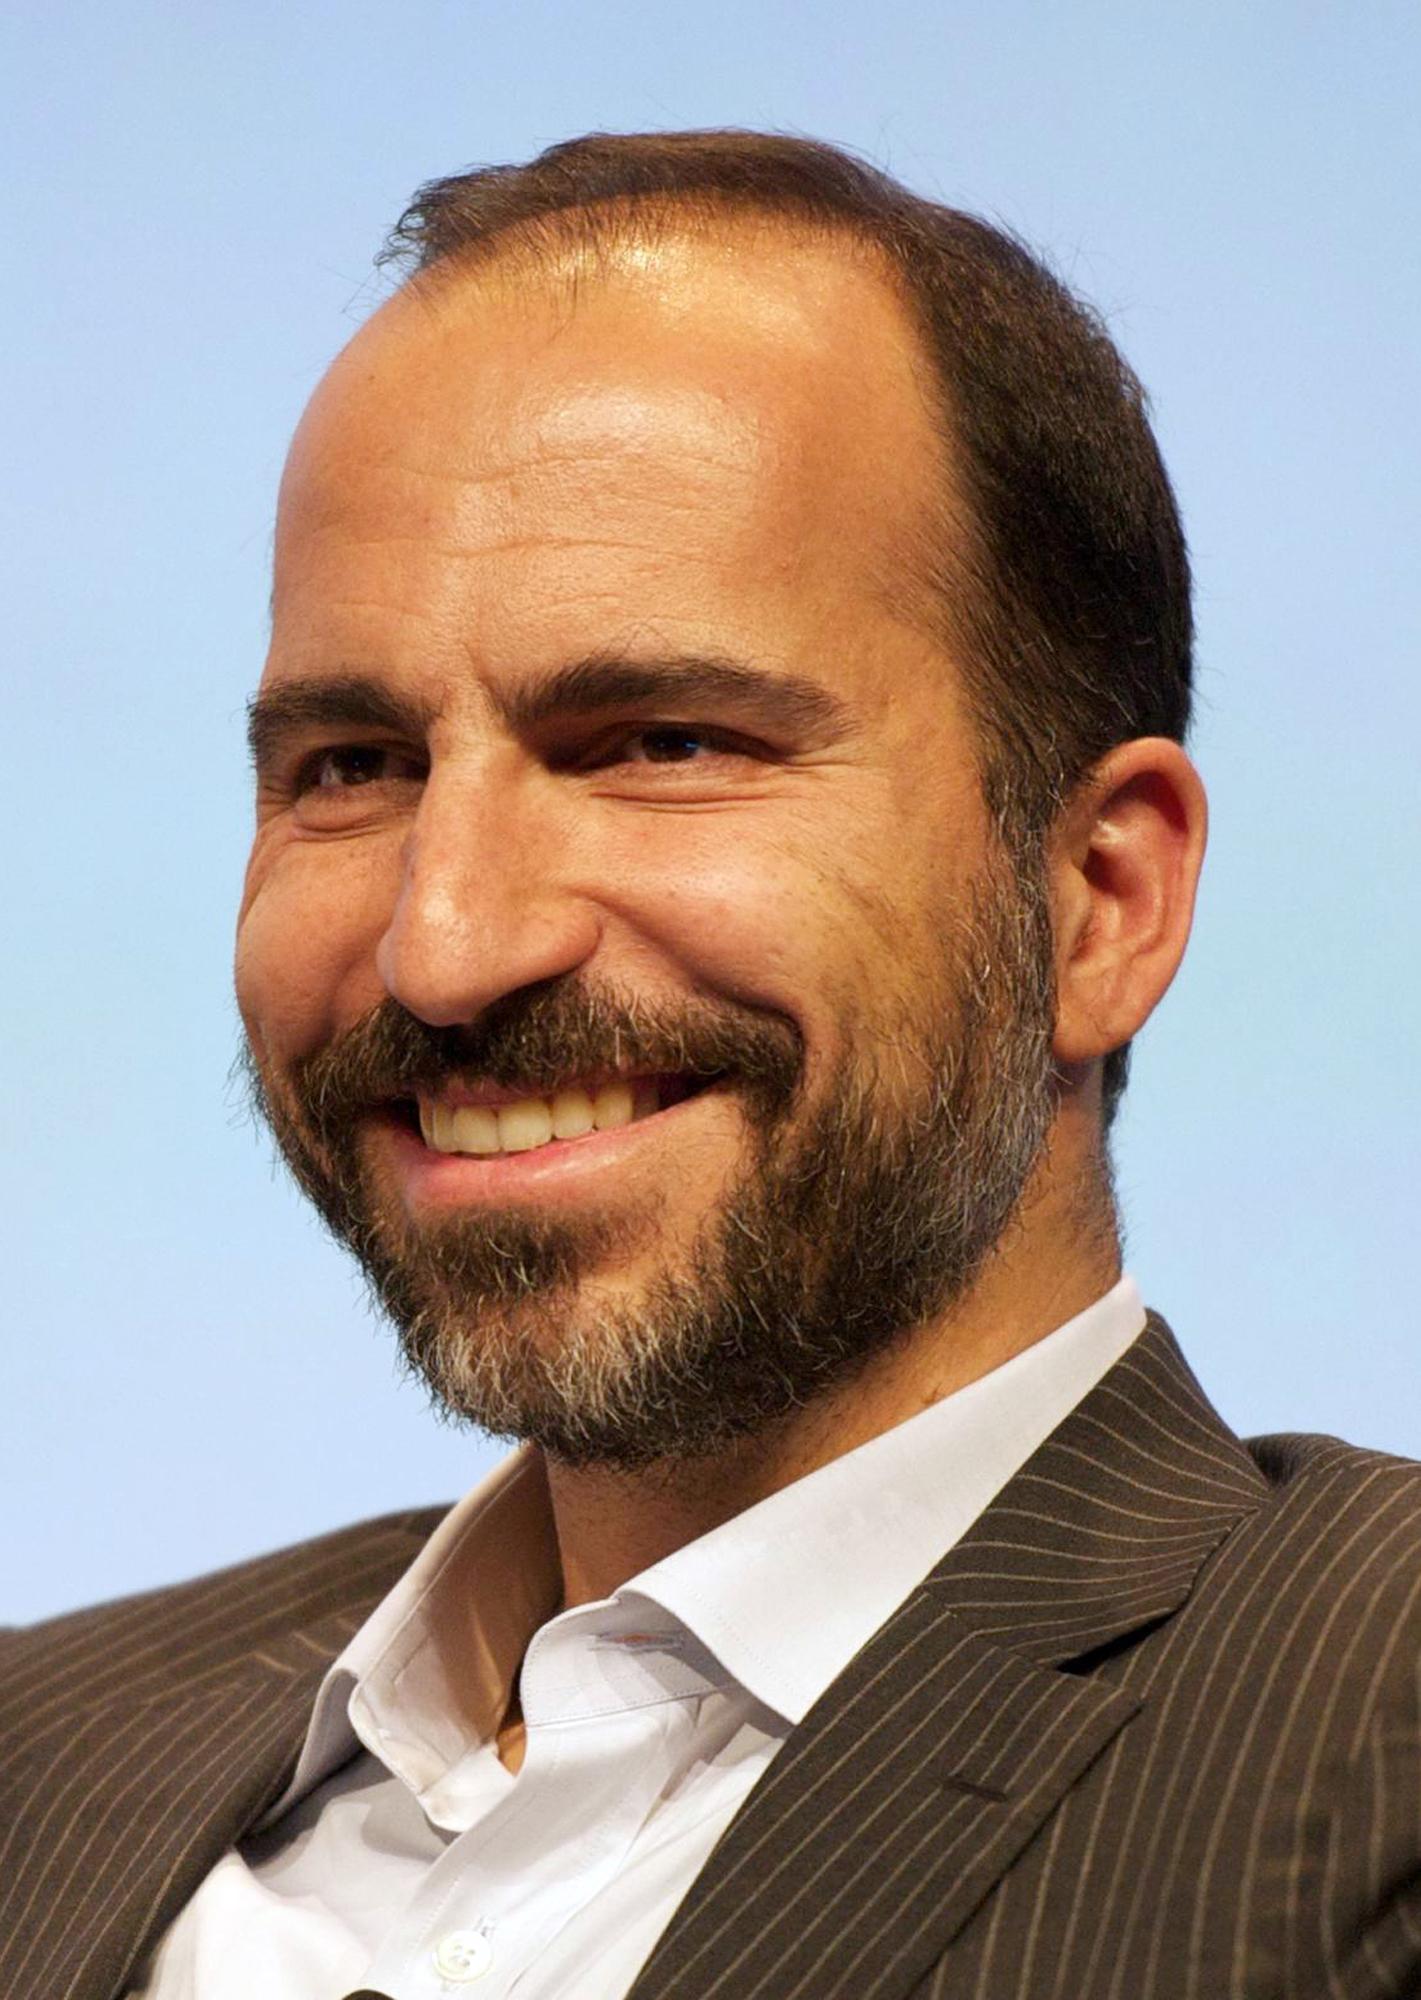 Expedia, Inc. CEO Dara Khosrowshahi, in this file photo. (Expedia, Inc. via AP) MANDATORY CREDIT